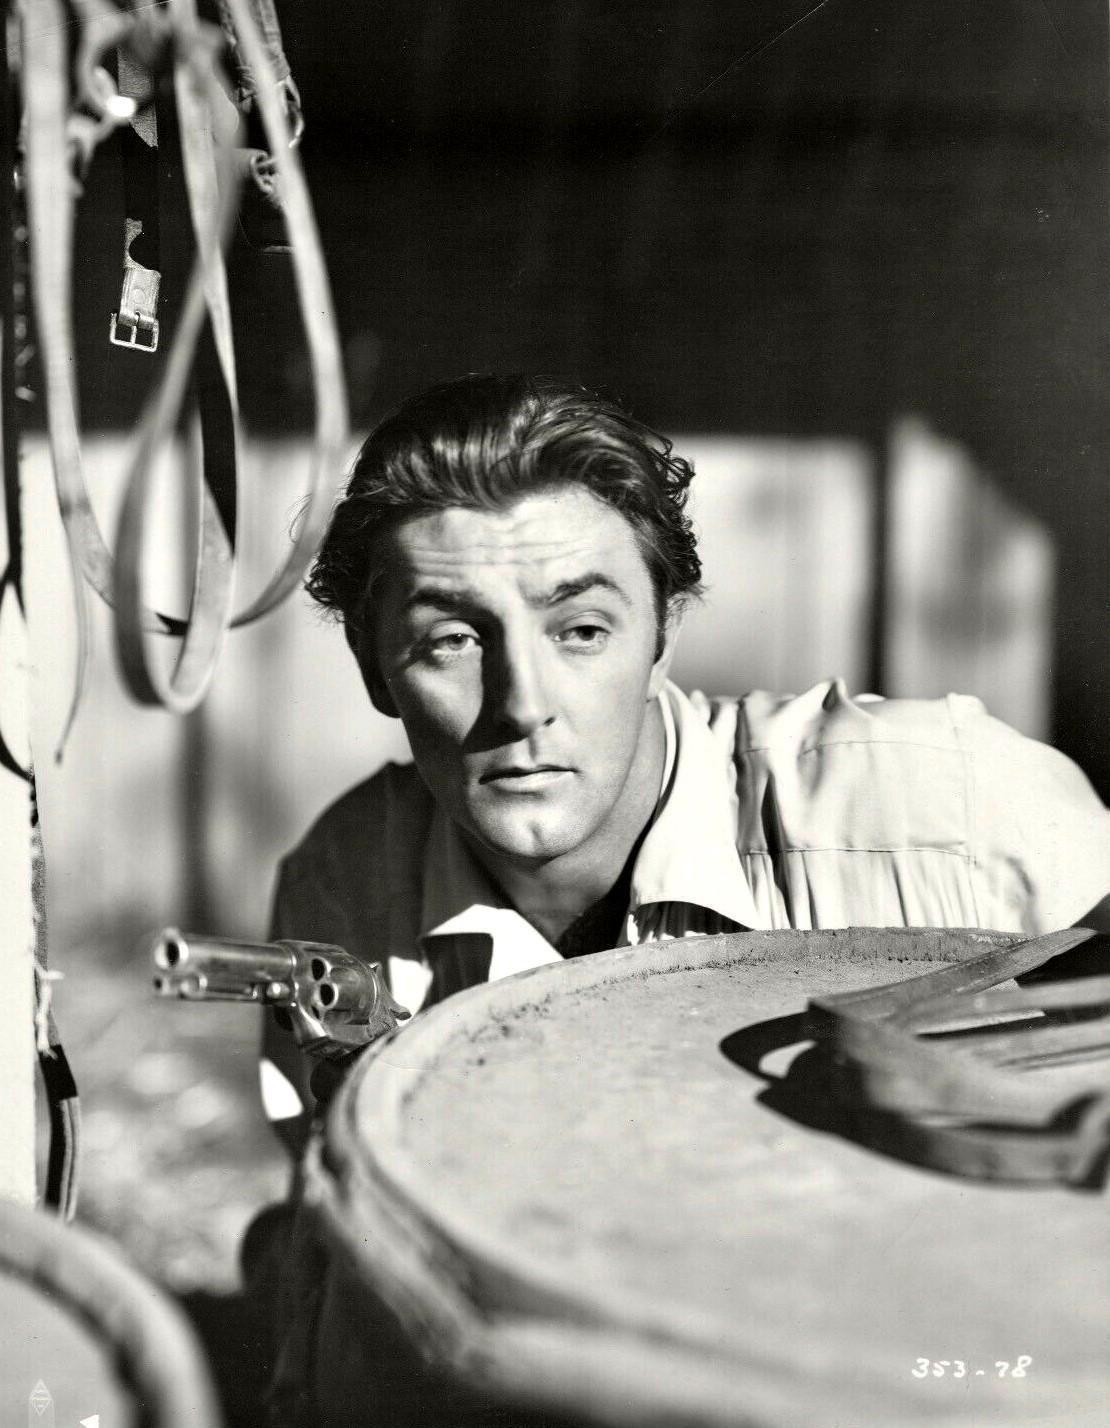 Robert Mitchum in Pursued (1947)